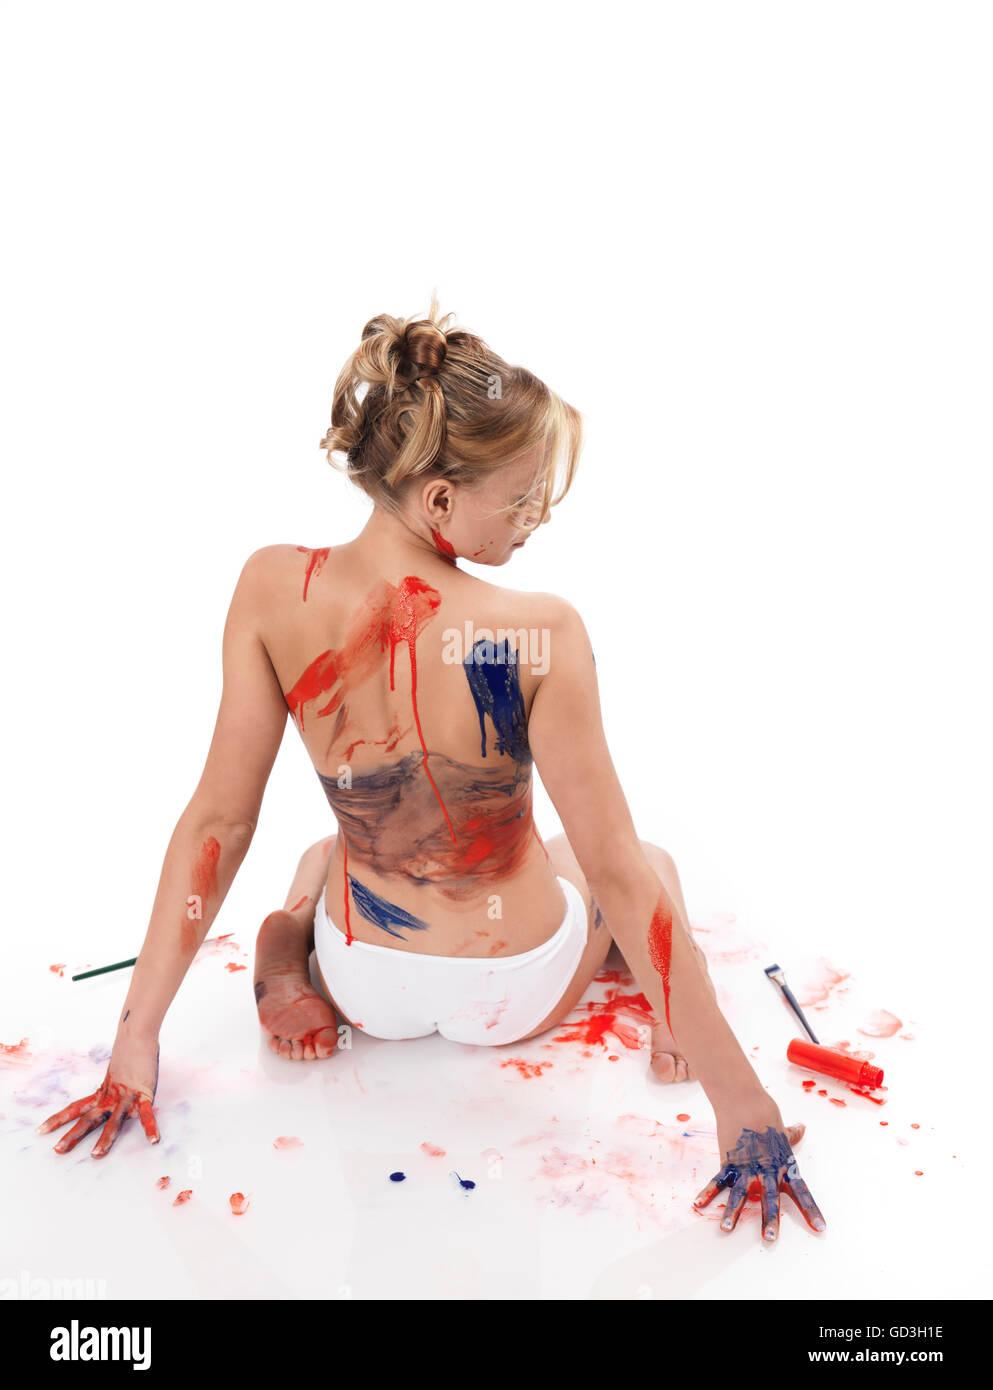 Cuerpo de mujer cubierto de salpicaduras de pintura roja y azul Imagen De Stock